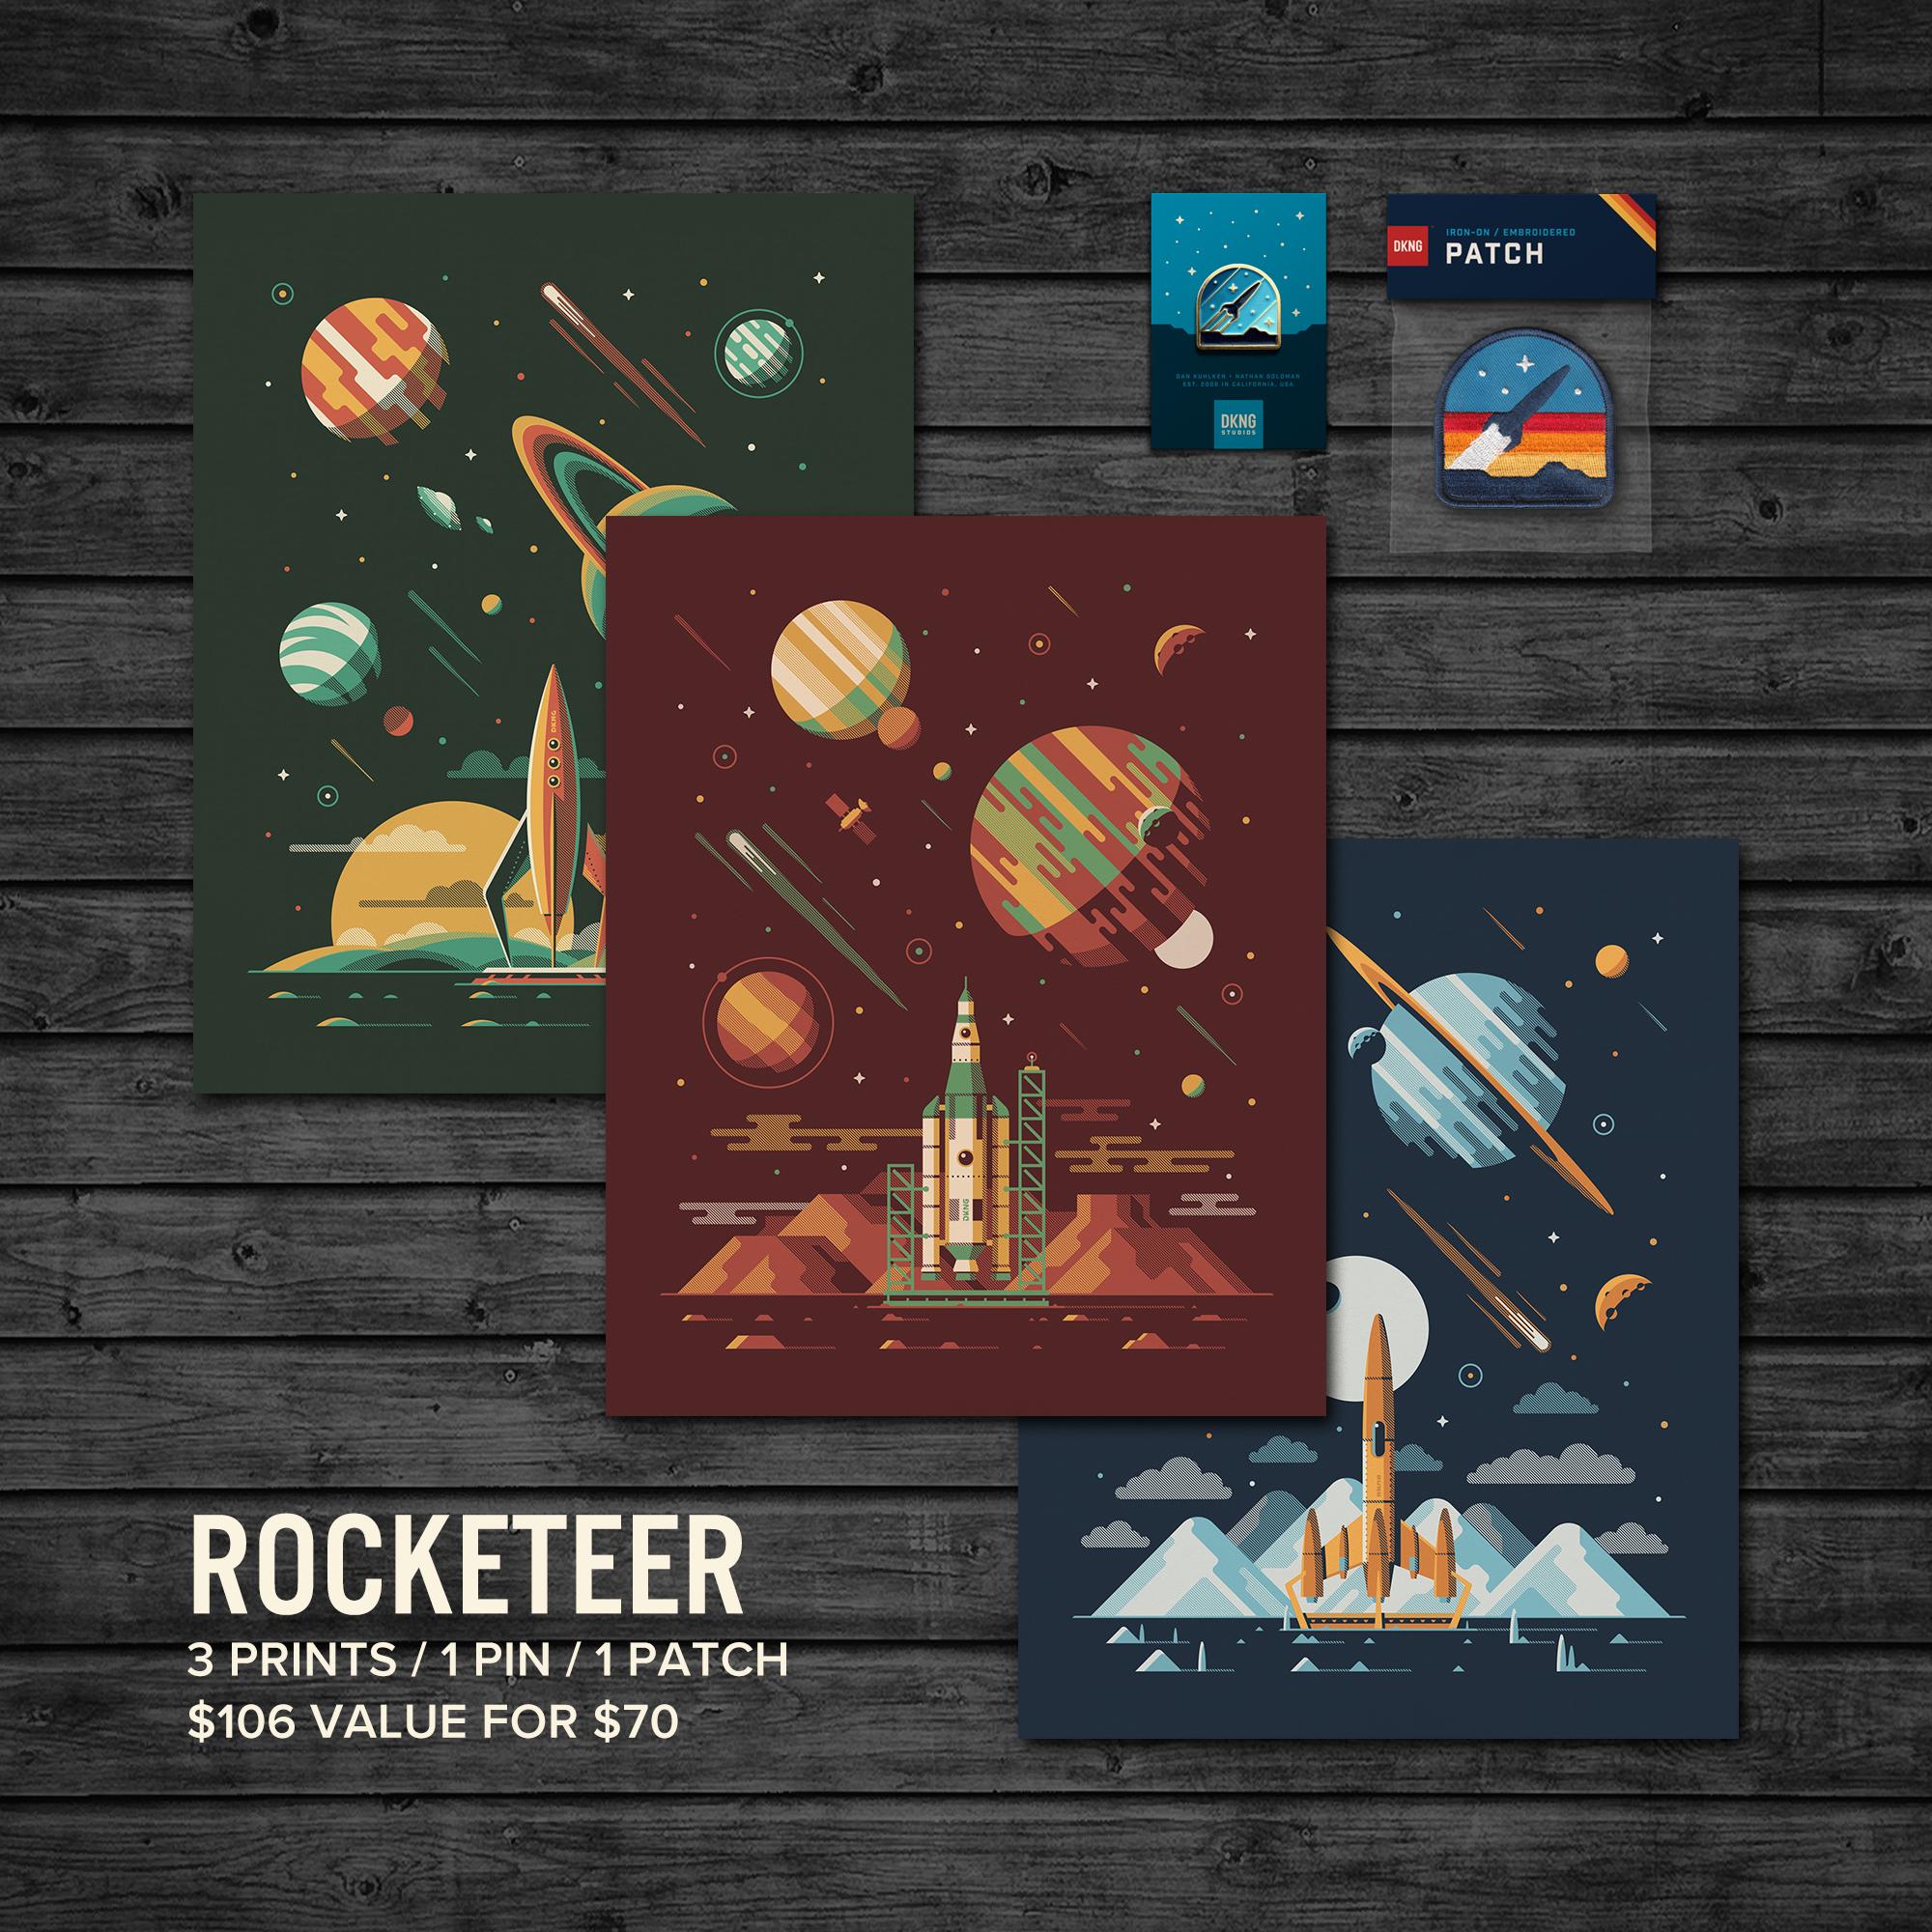 rocketeer_mega_pack.jpg